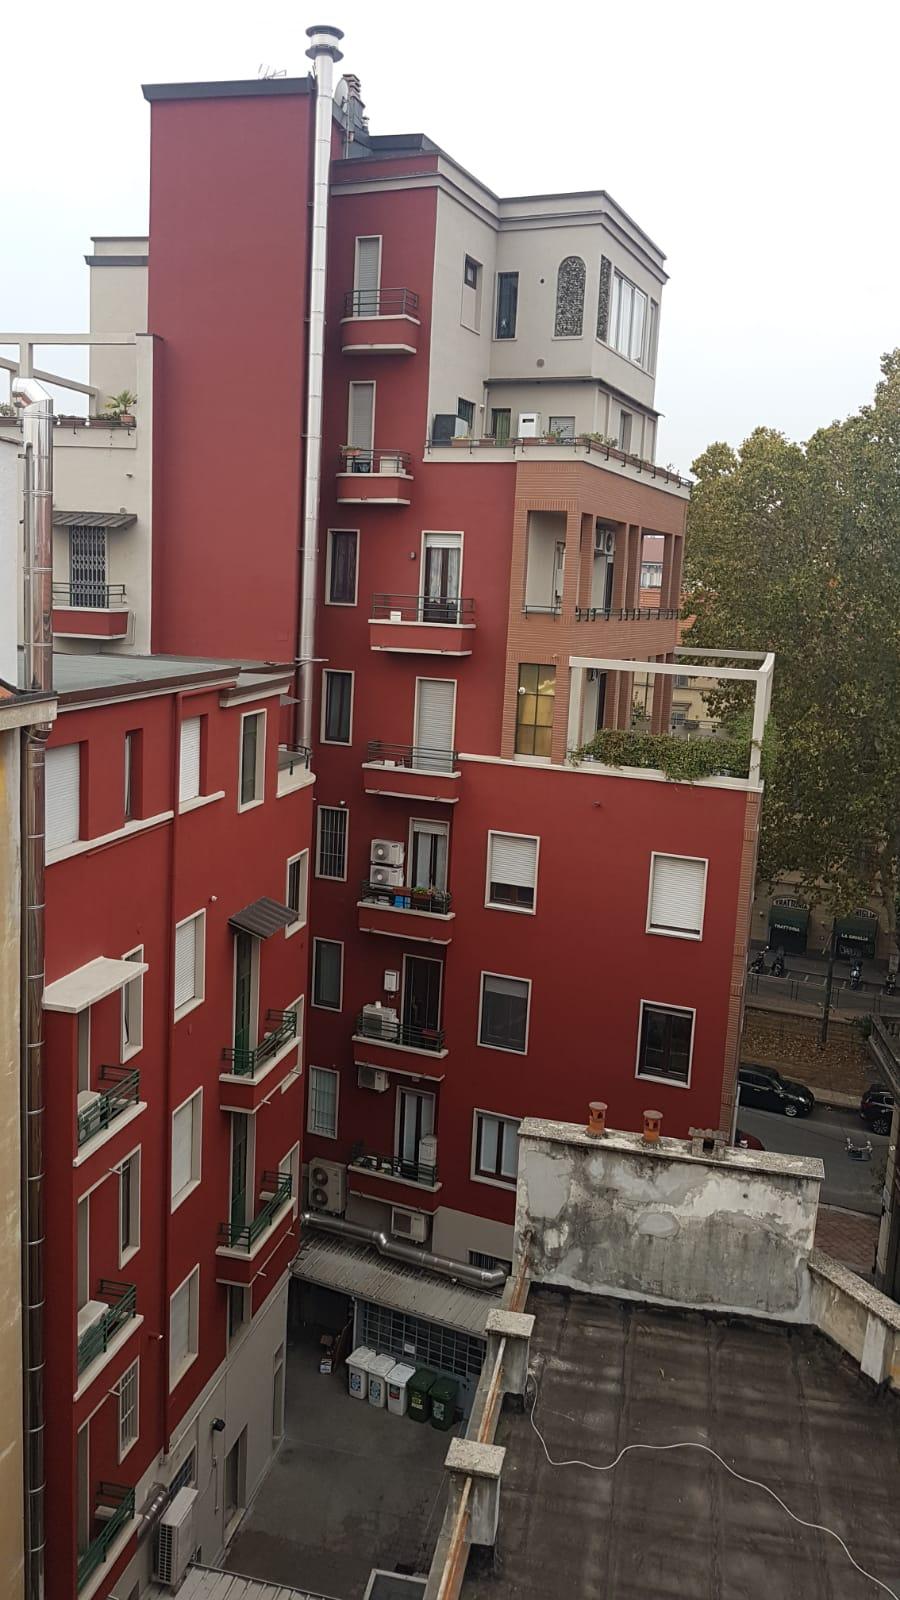 VIA PASQUALE SOTTOCORNO 1 - Milano